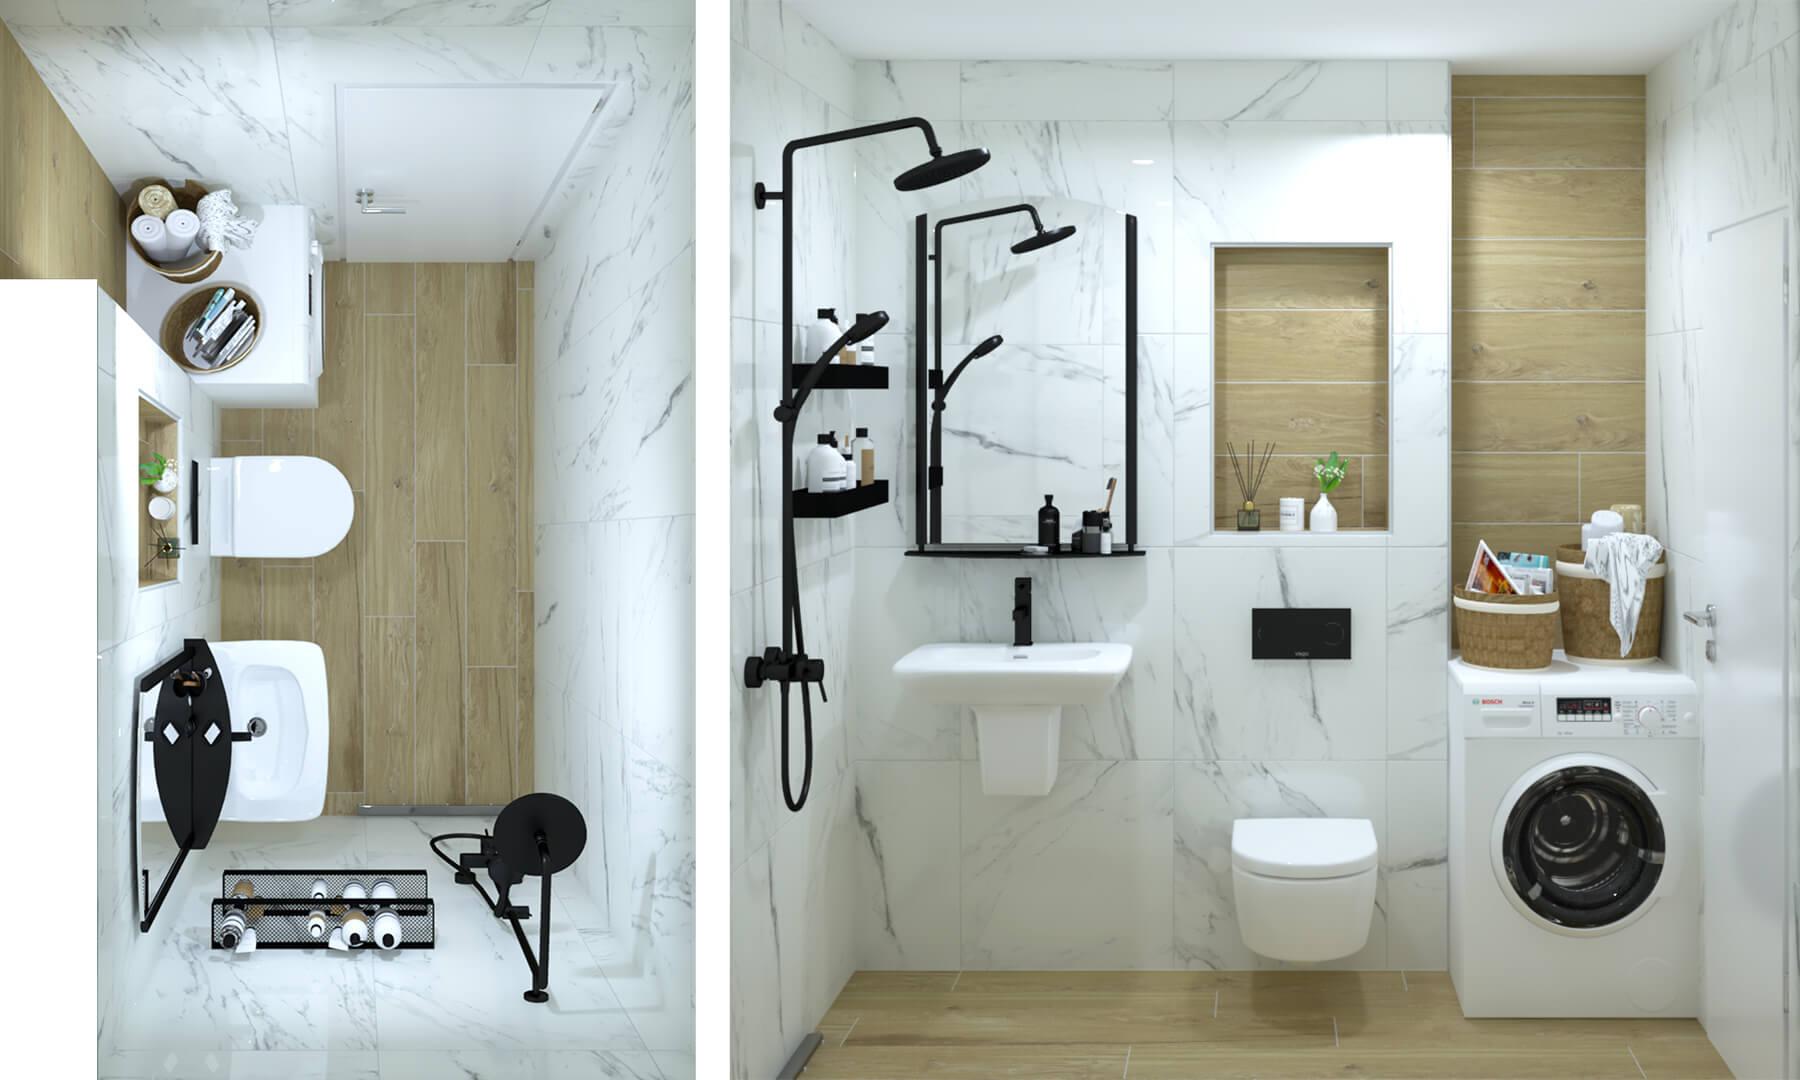 banya-interioren-dizain-proekt-esteta-design